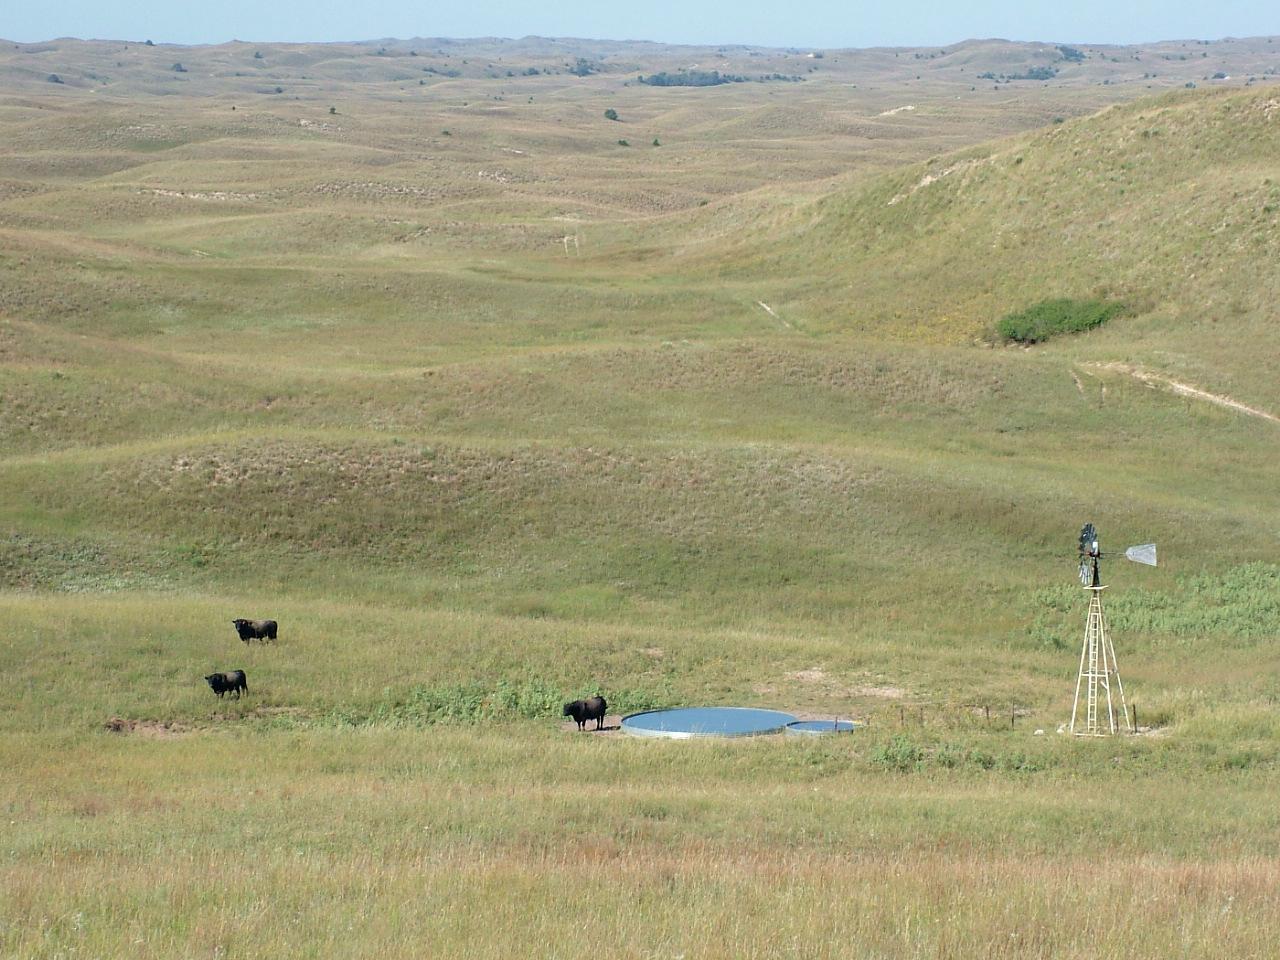 Bulls among the hills